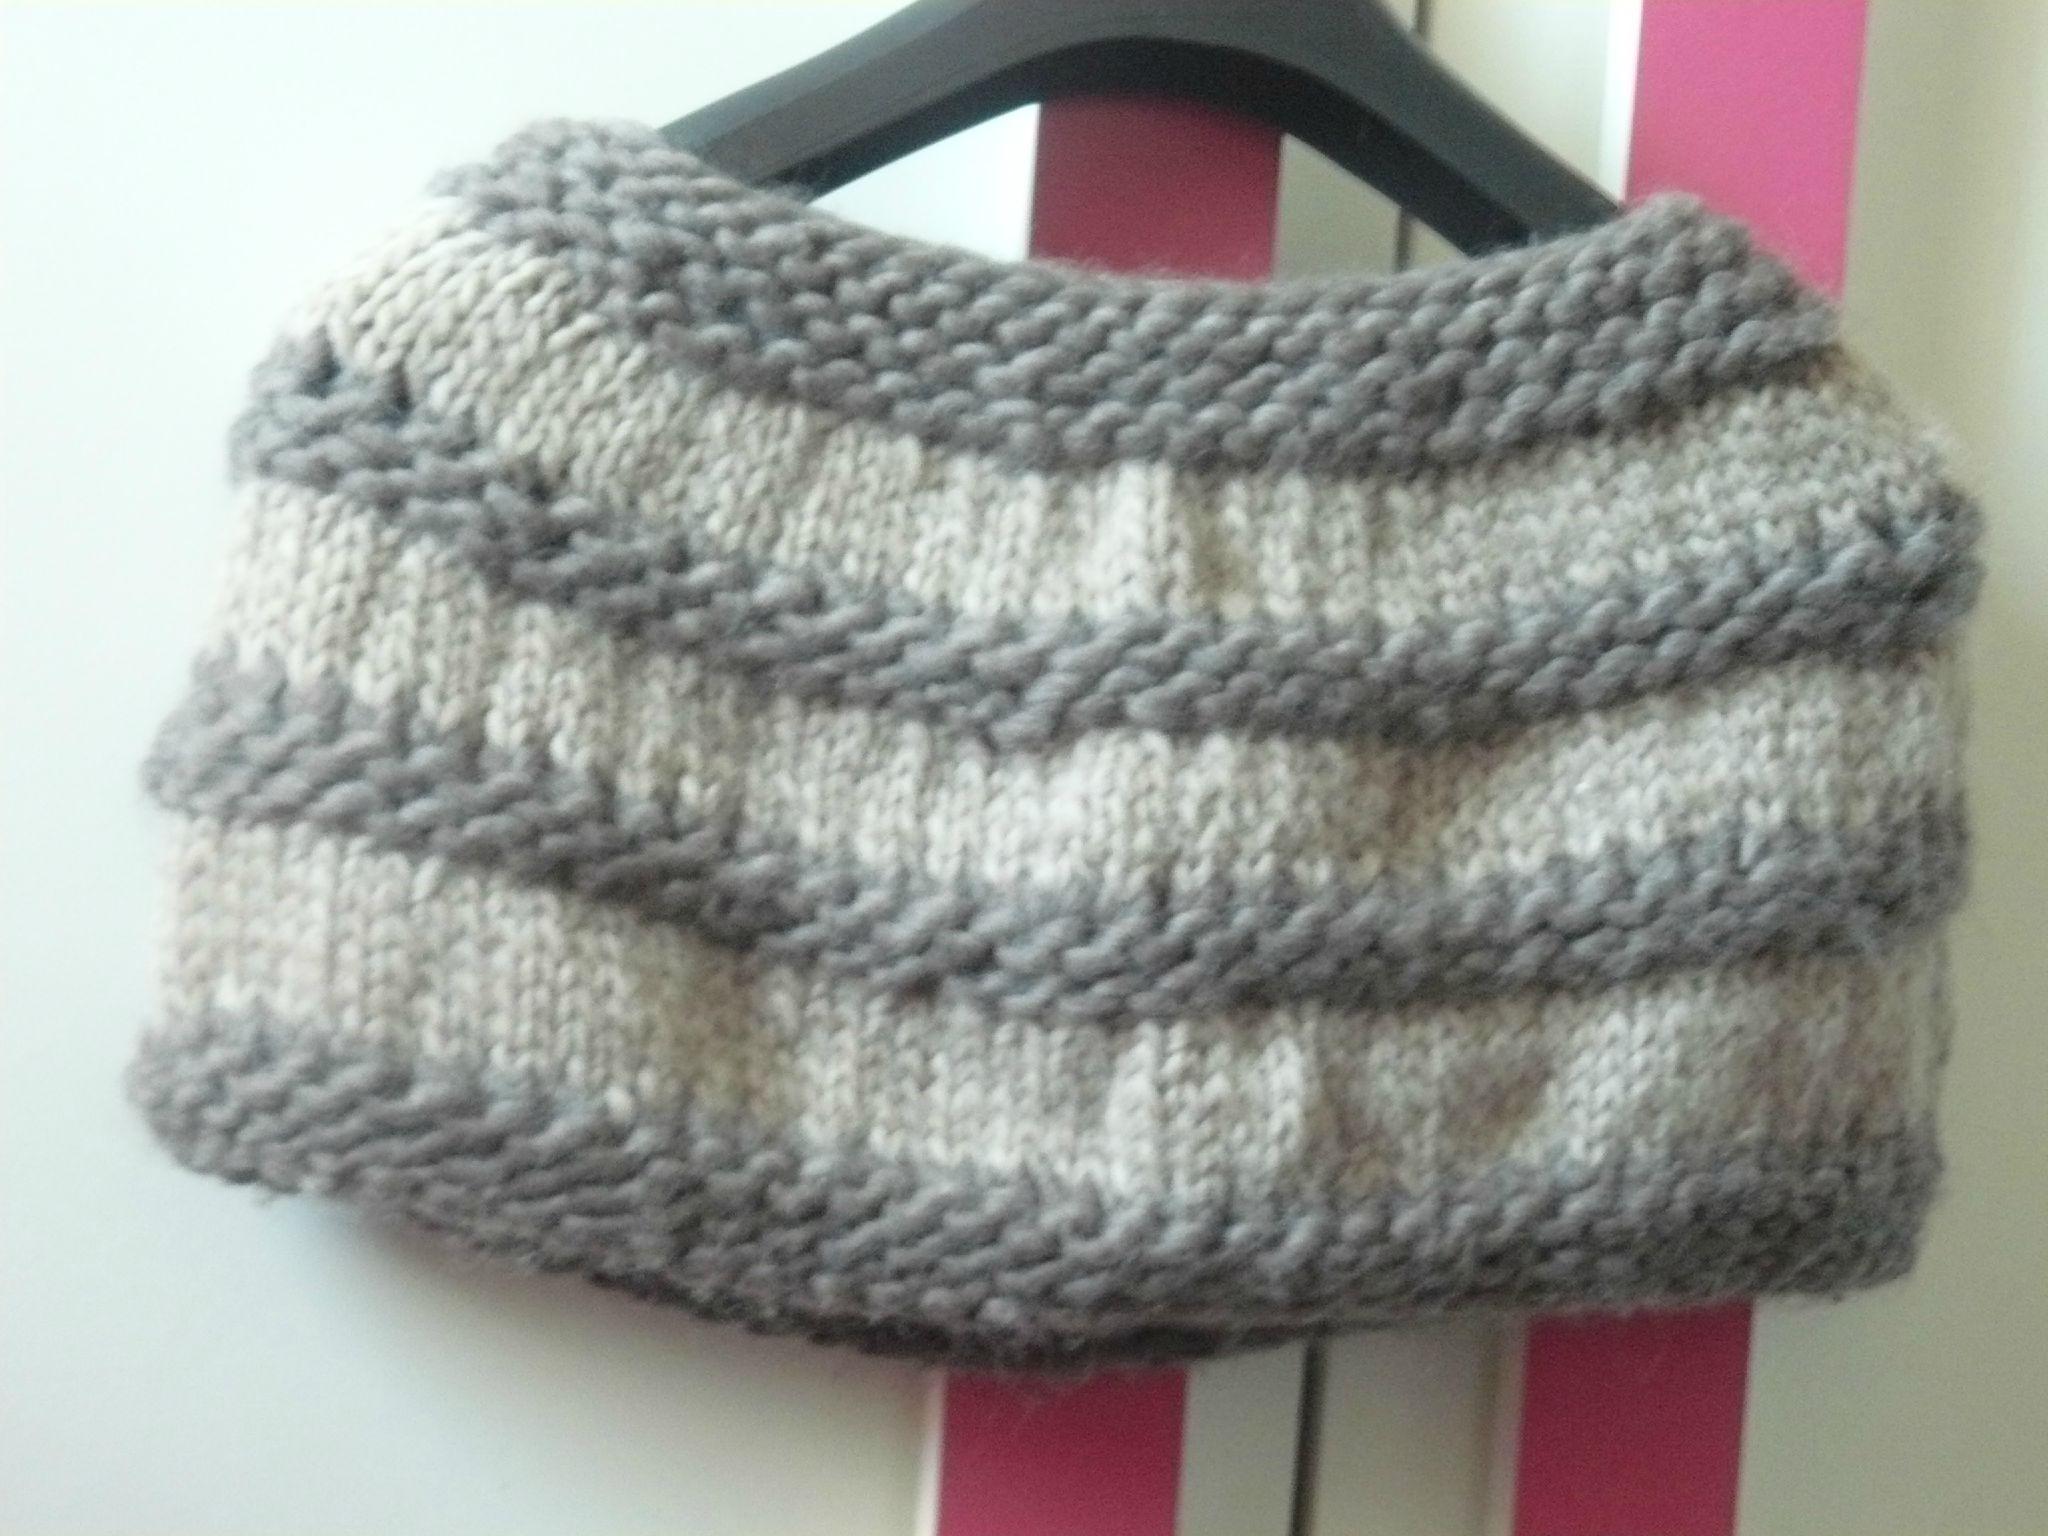 comment faire un chauffe epaule en tricot